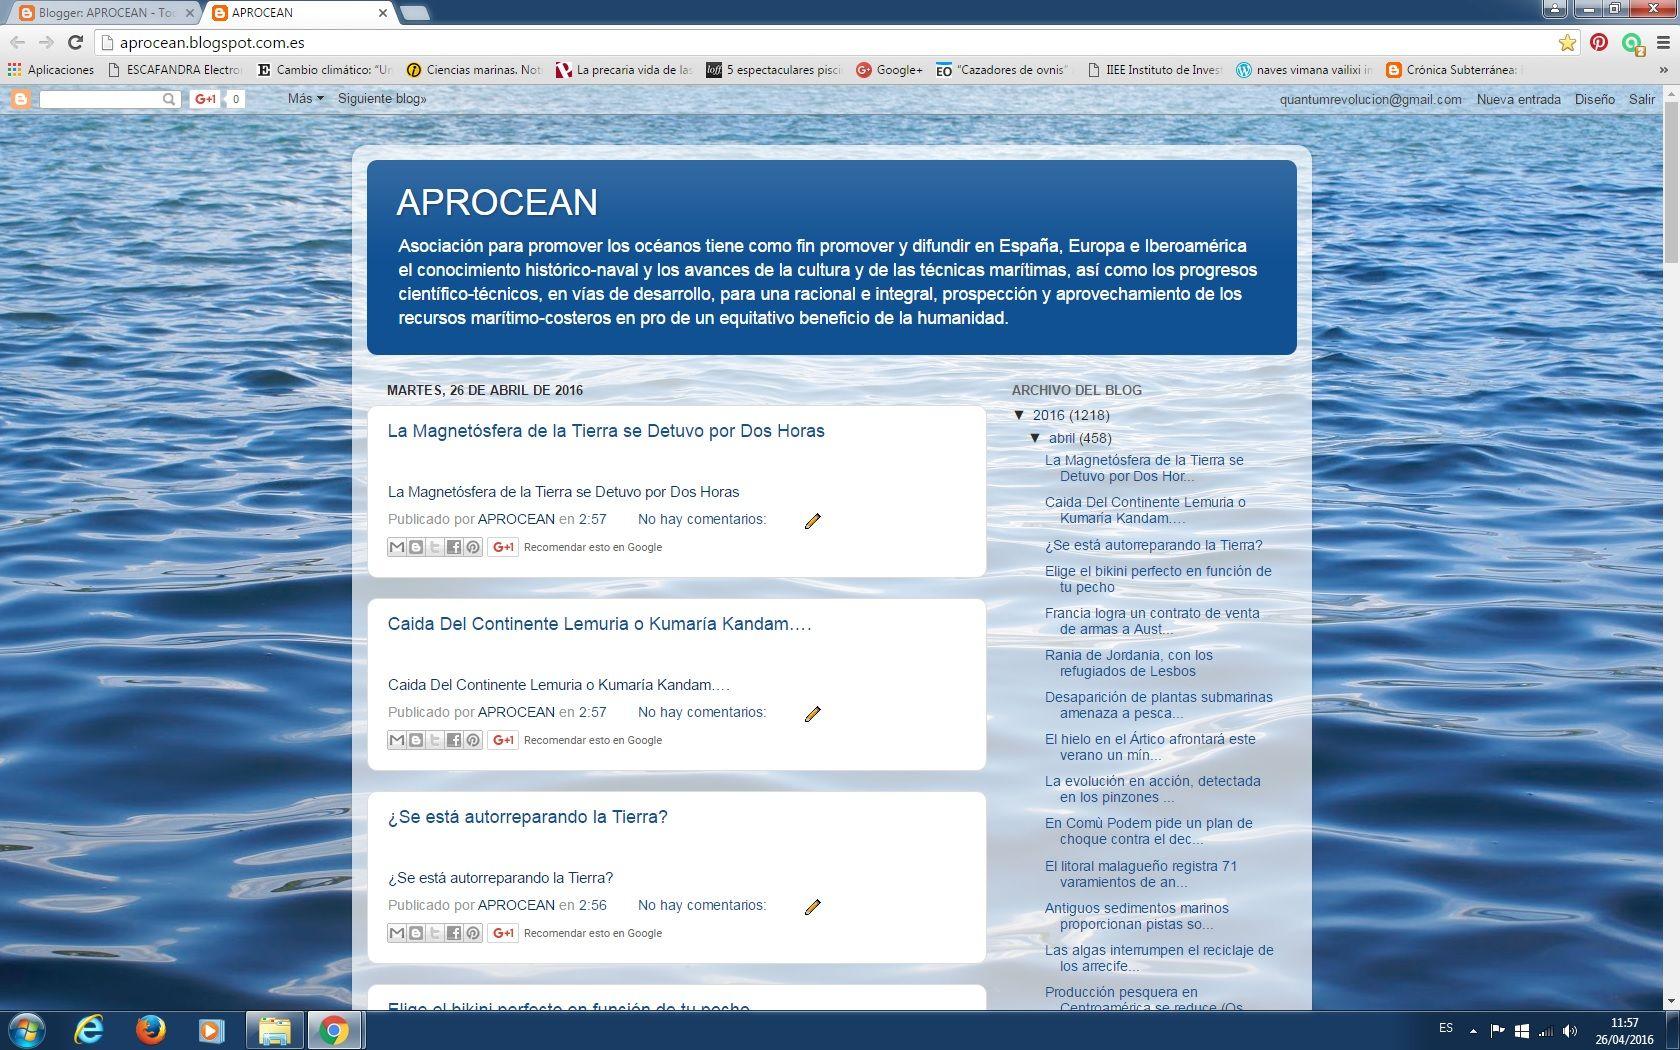 """26/04/16 11:58hs Blog """"La Caracola"""" (Aprocean) Diario de Información del Mar - D.I.M.  http://aprocean.blogspot.com.es/"""